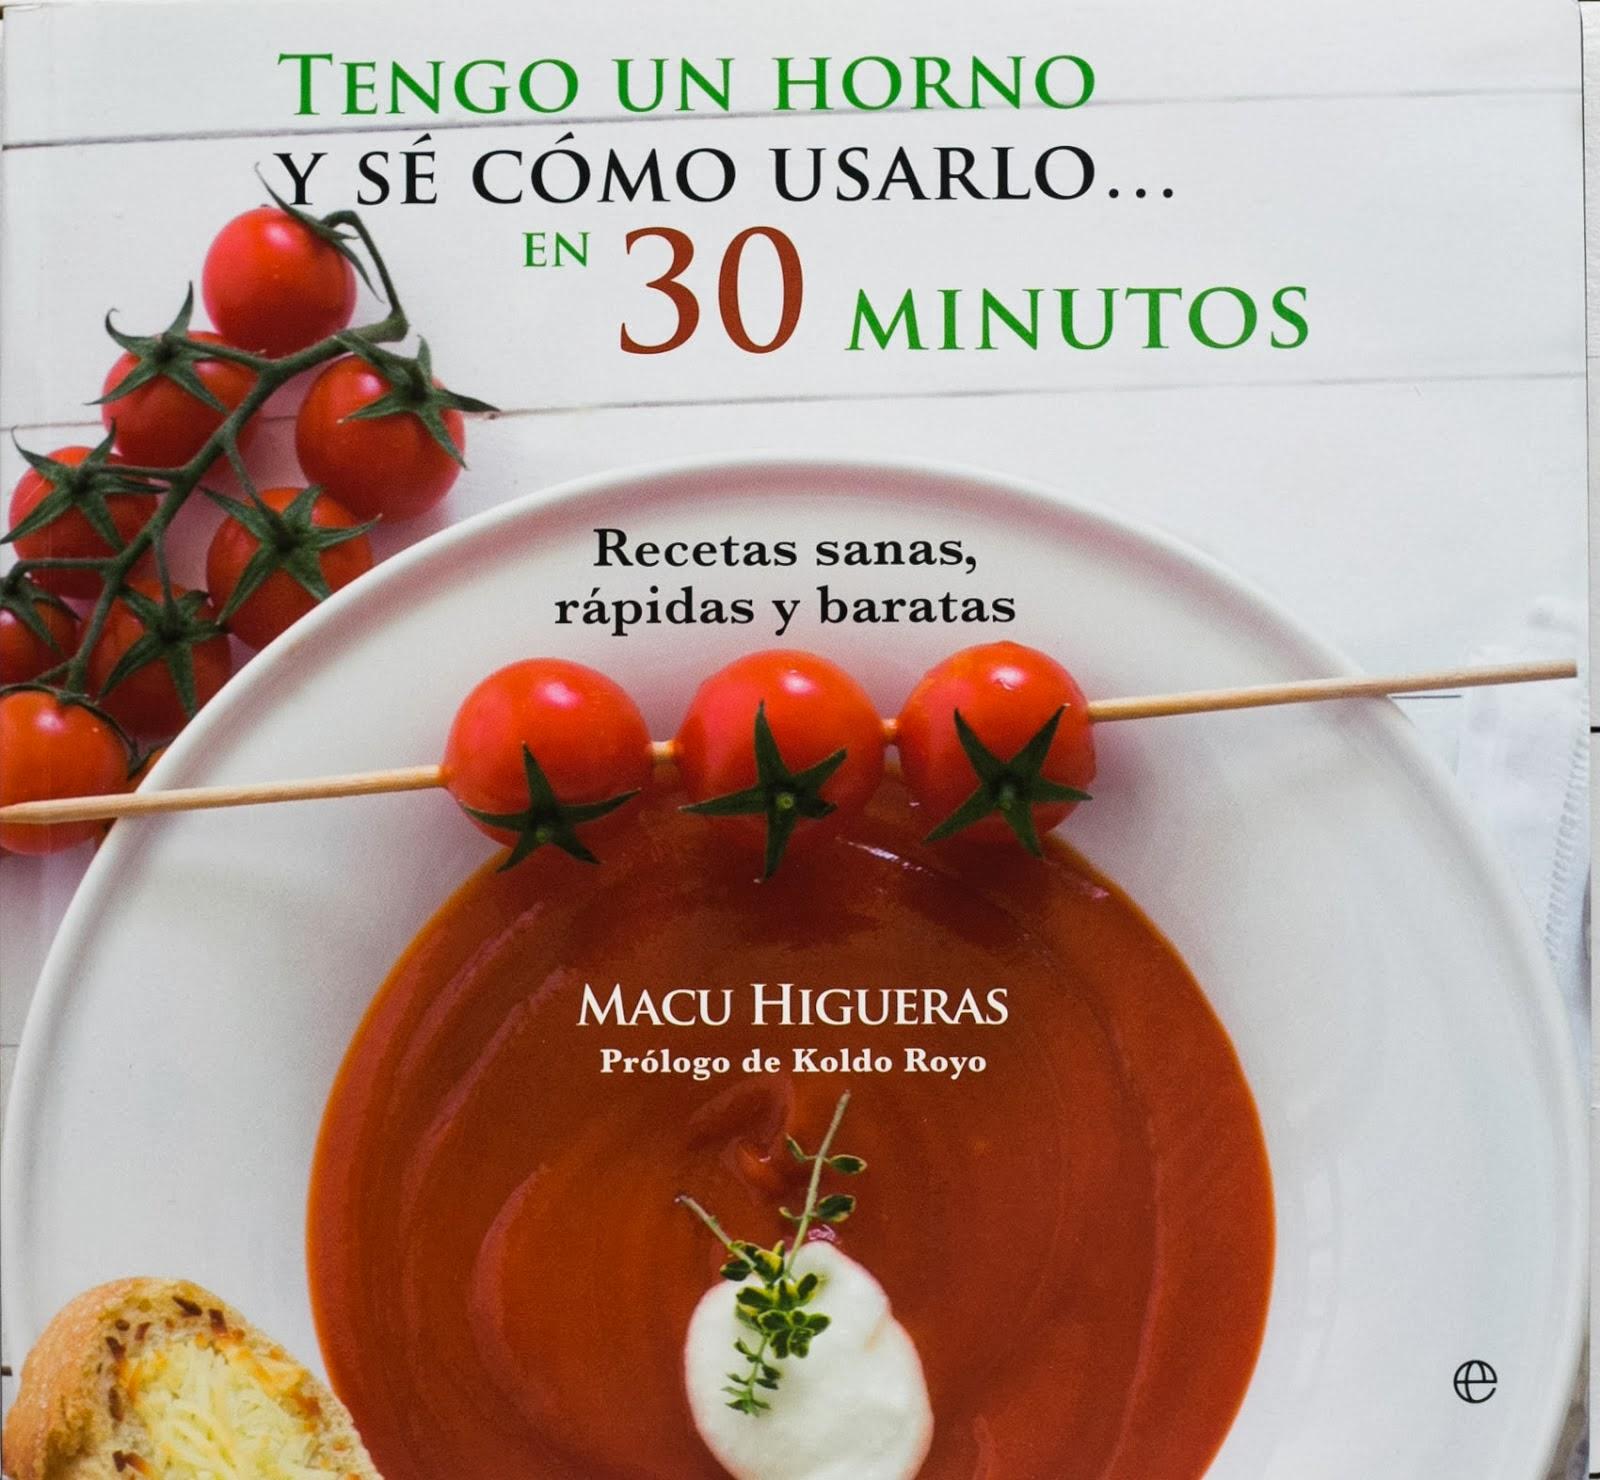 No te pierdas mi libro: <br> Tengo un horno y sé cómo usarlo en 30 minutos